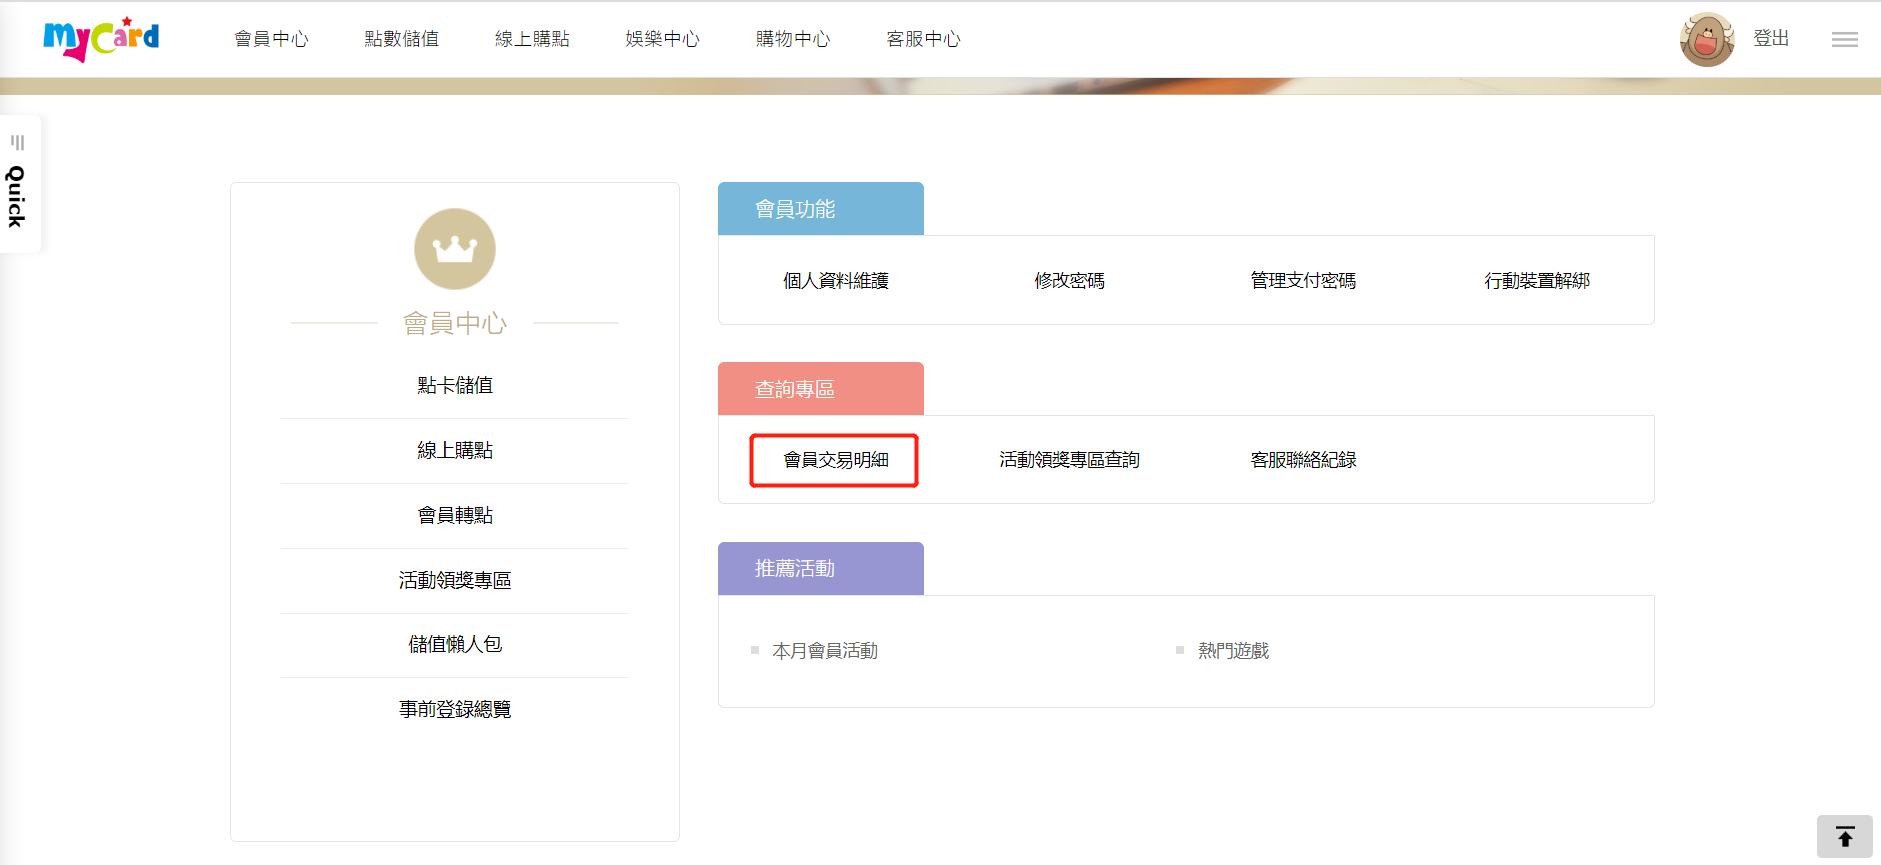 Mycard儲值活動詳細流程指南-查询交易序号.png